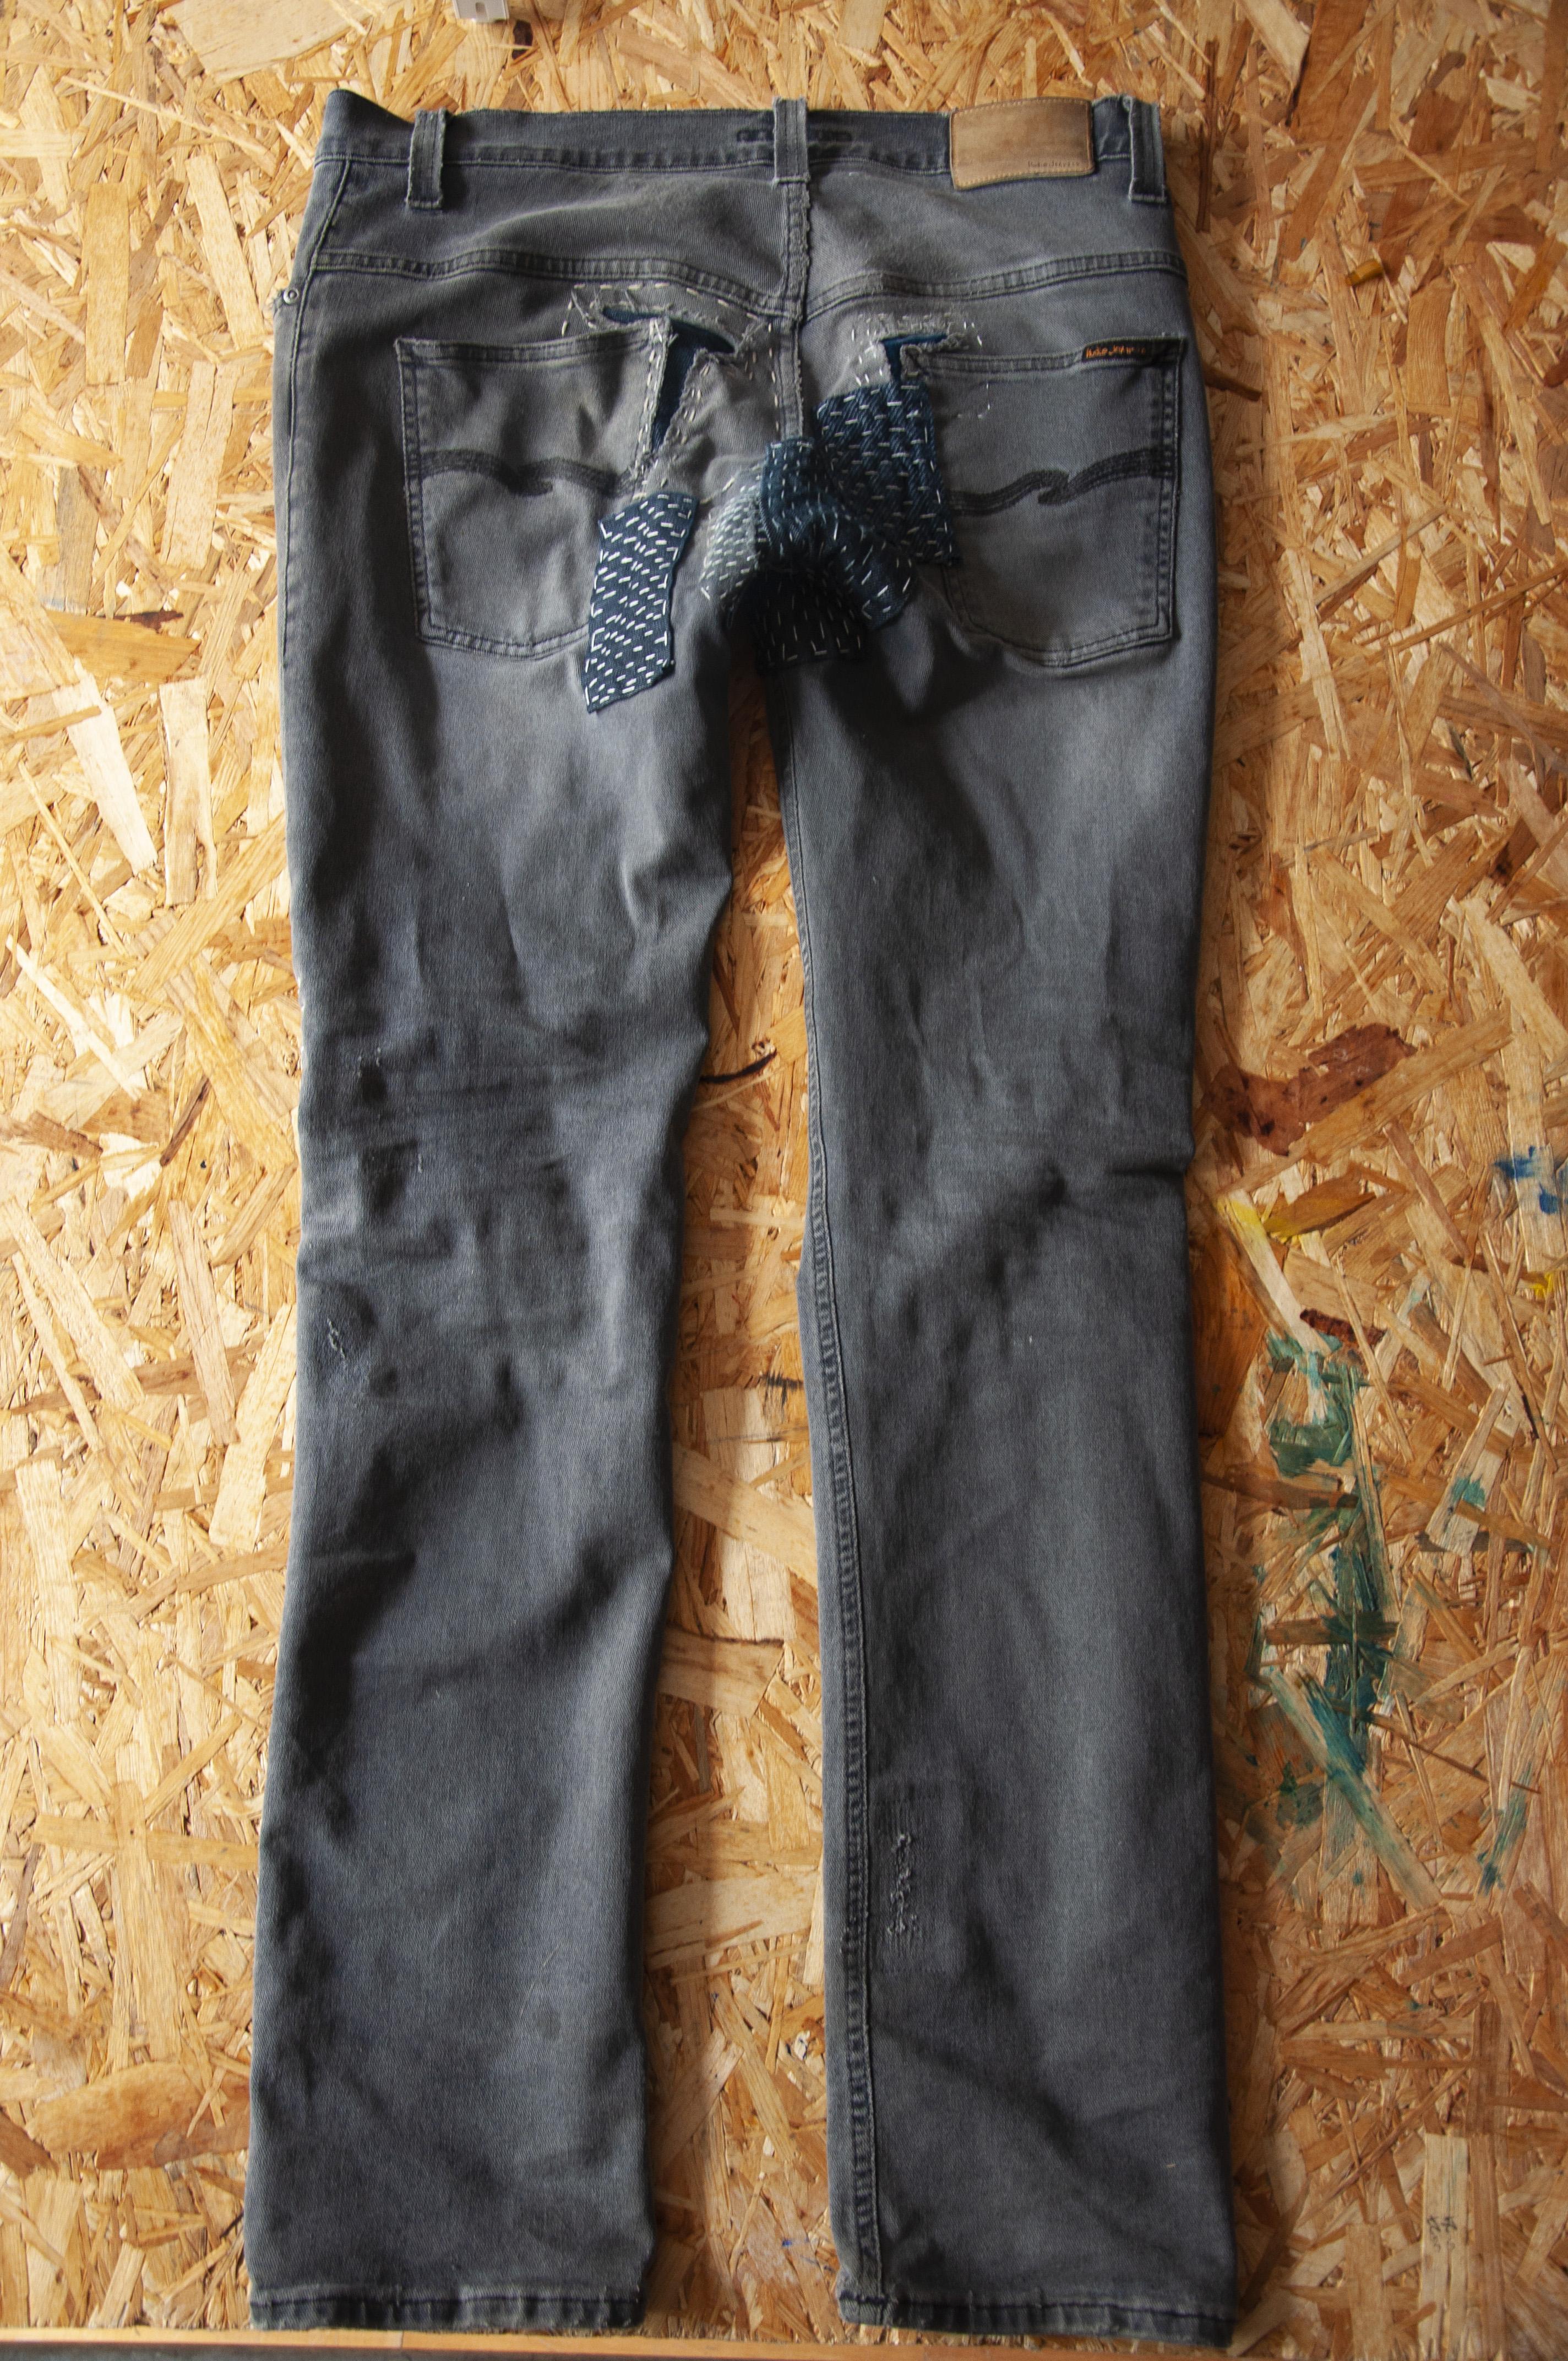 NudieRepairedJeans_2